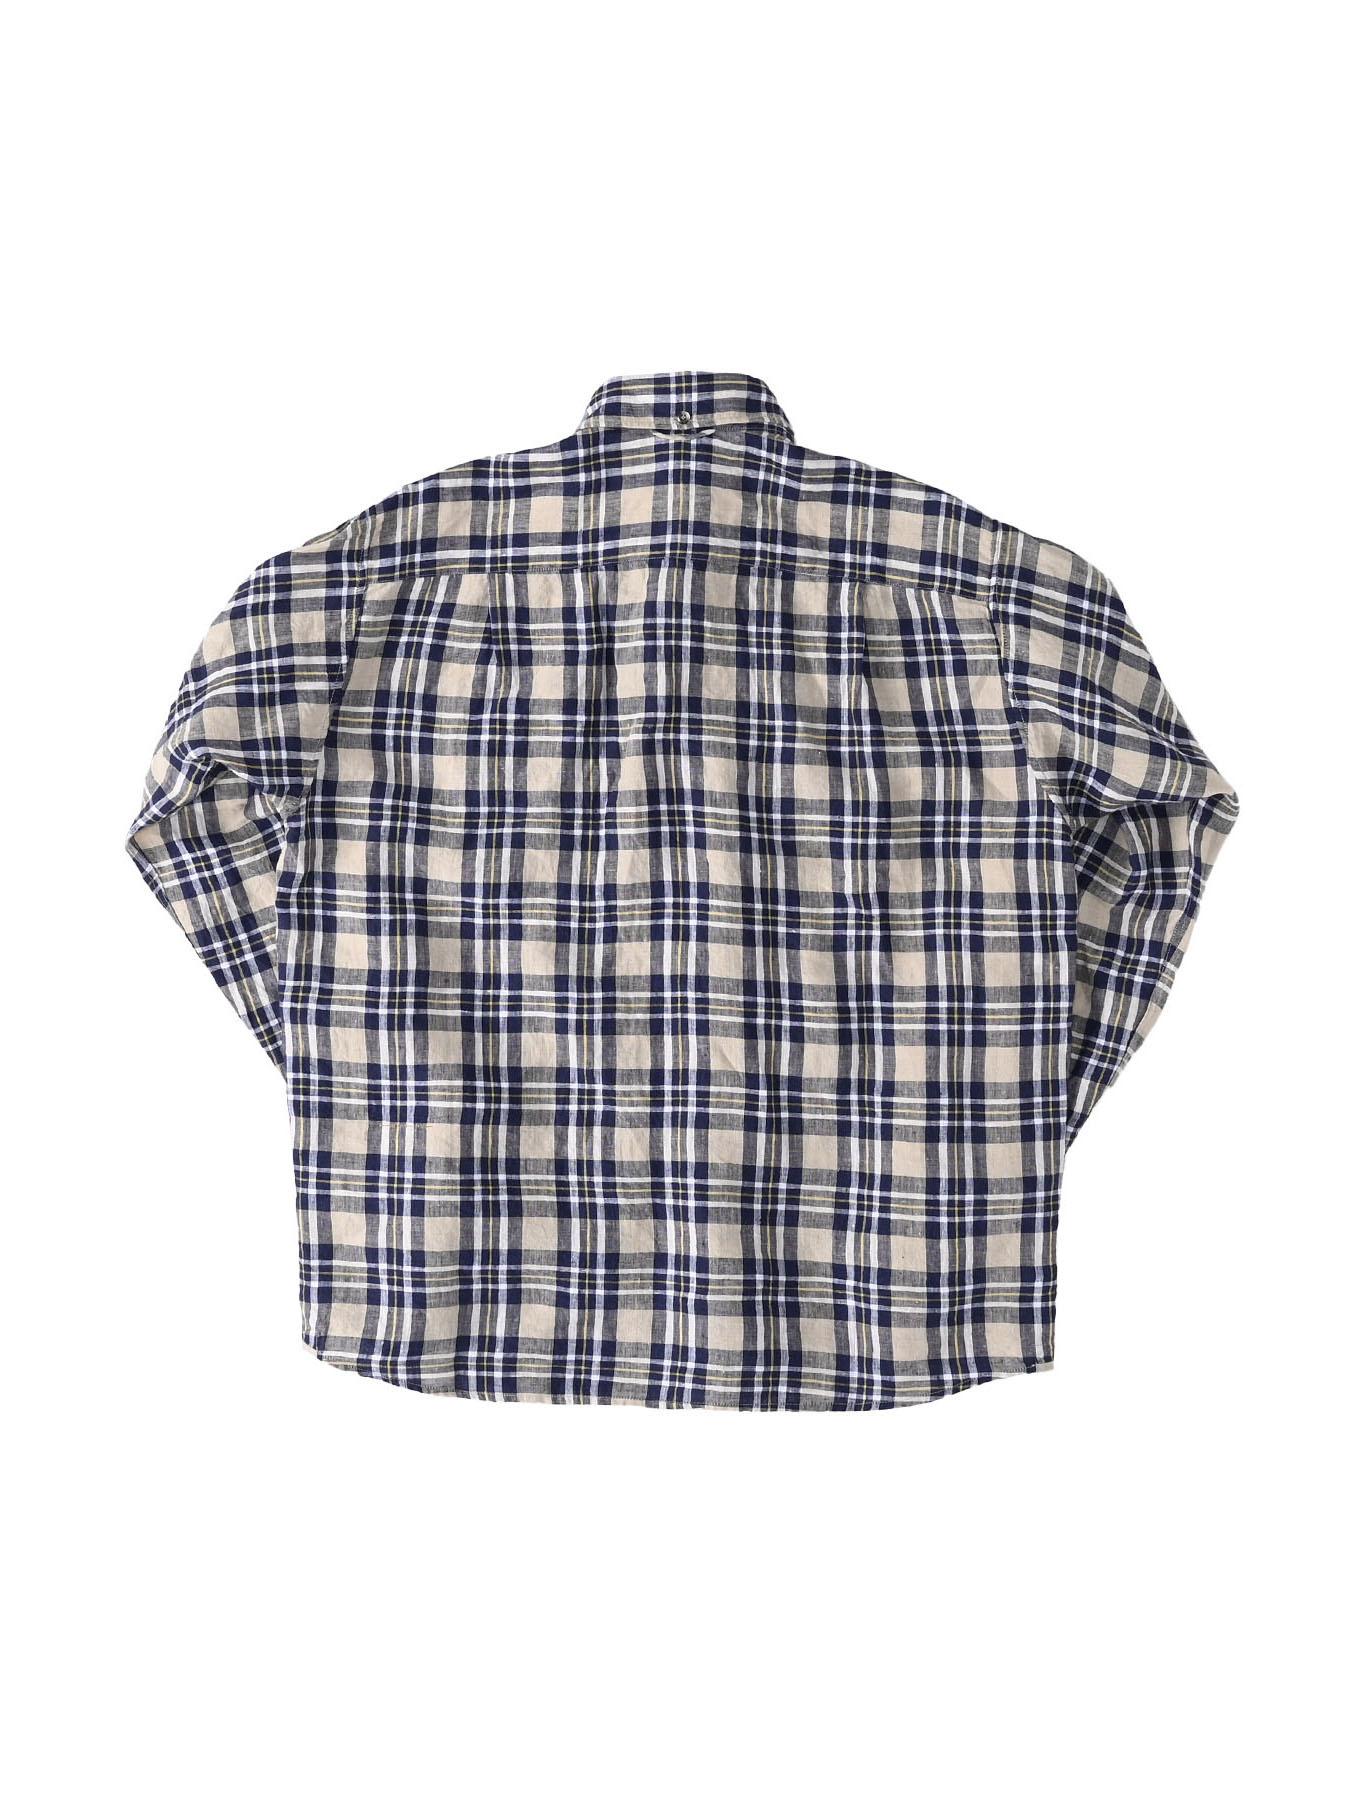 Indian Linen Madras 908 Ocean Button Down Shirt (0421)-7